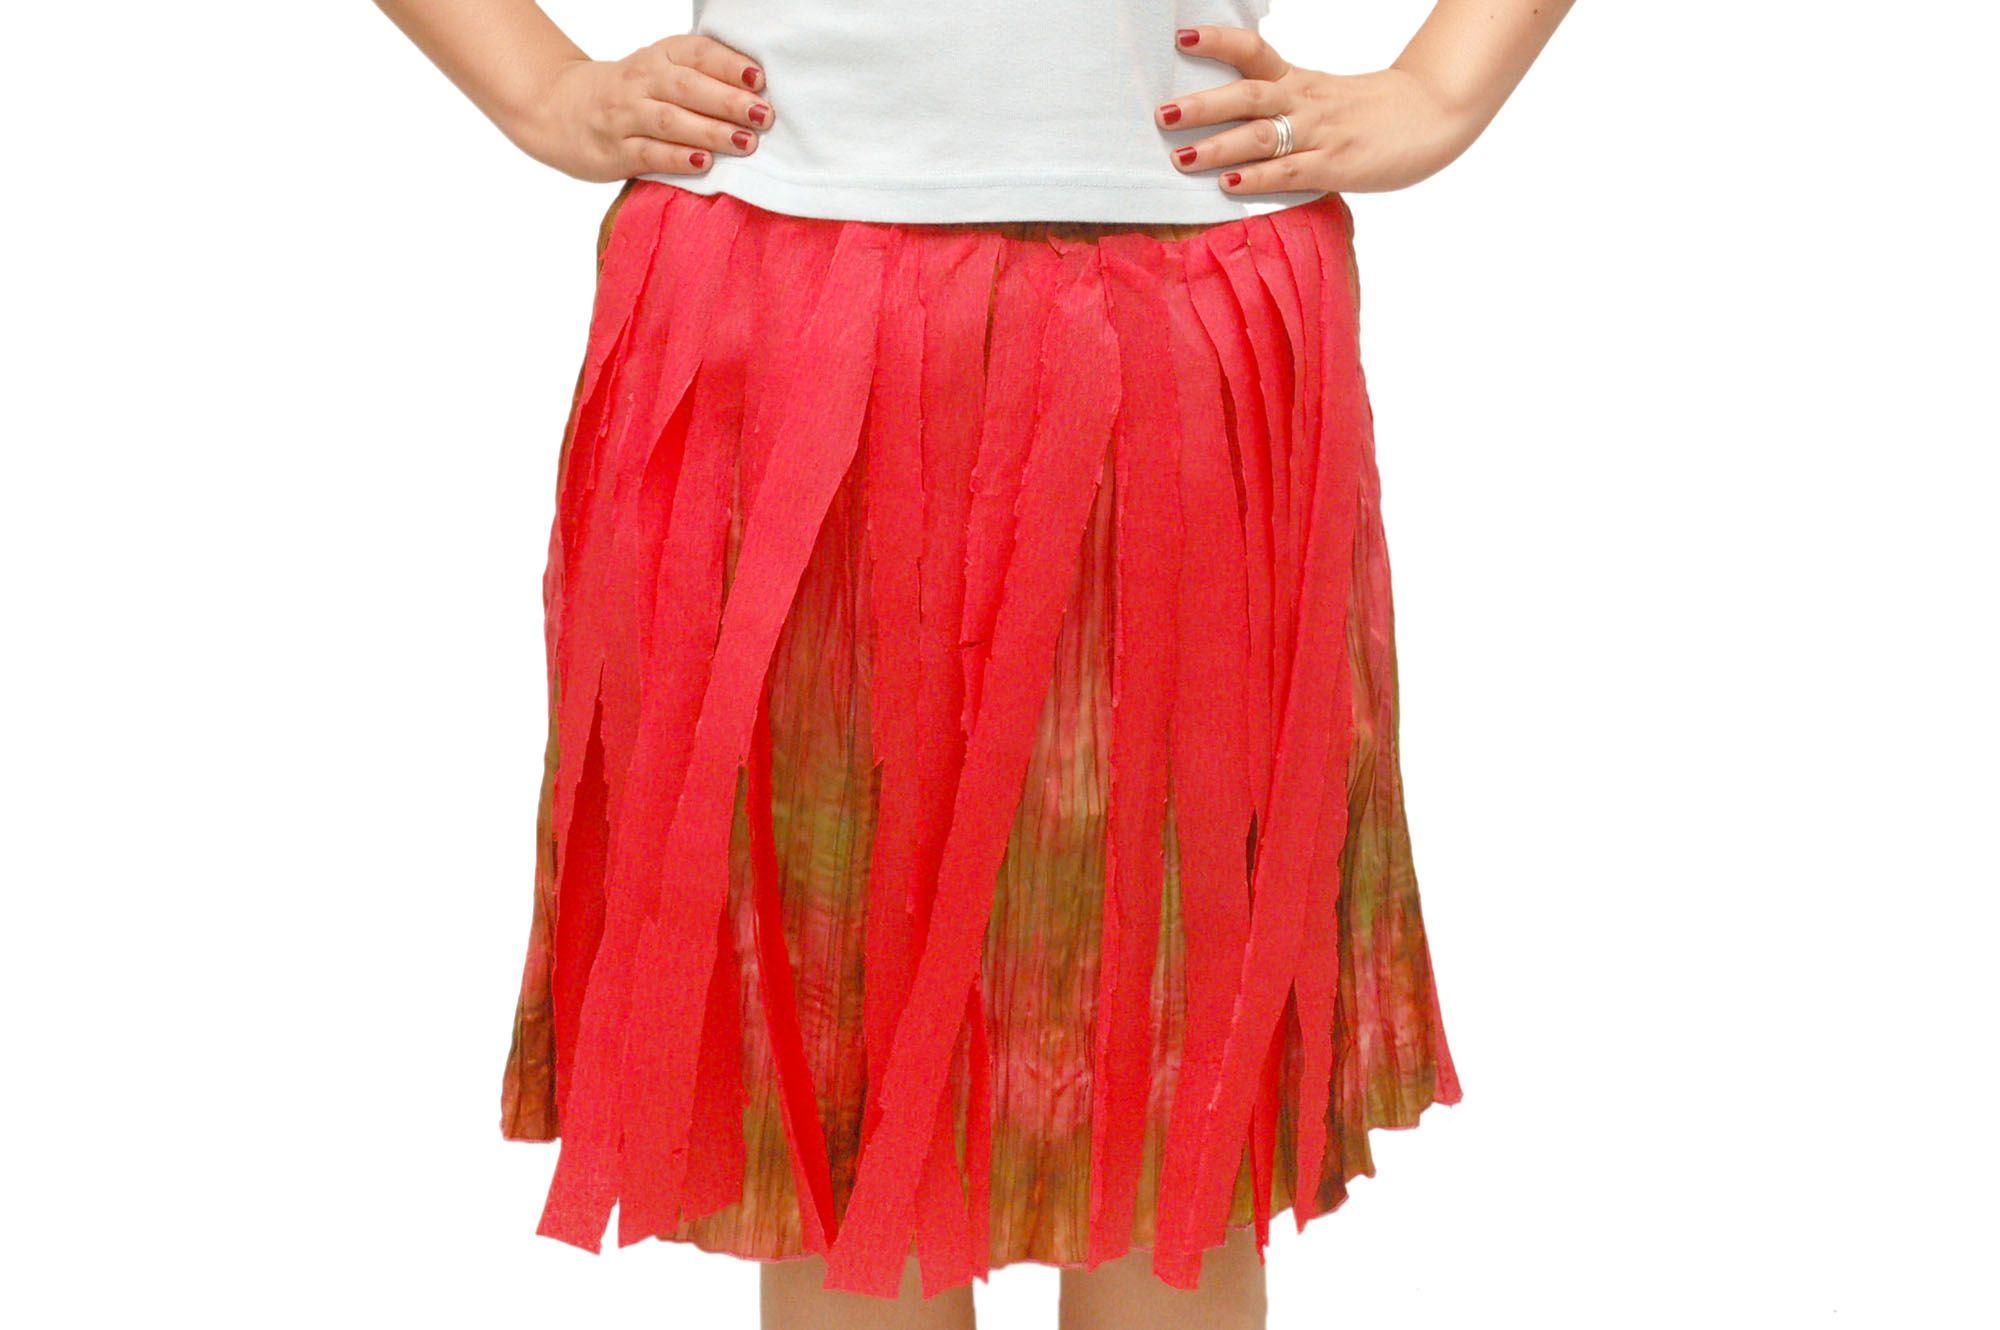 make a grass skirt